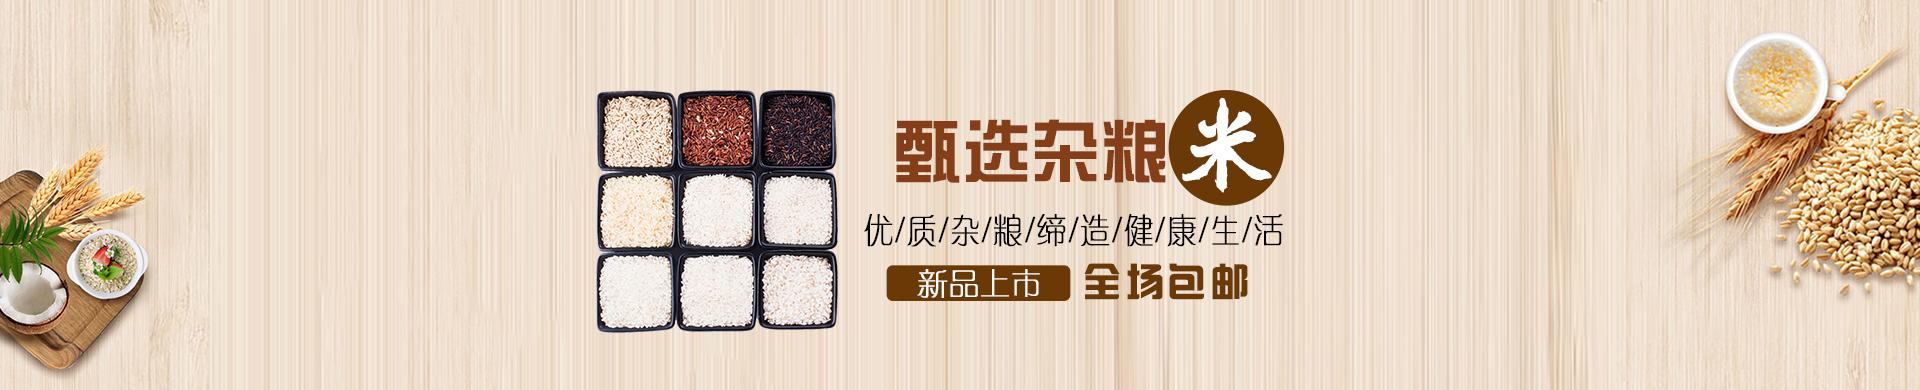 中国杂粮粥交易网